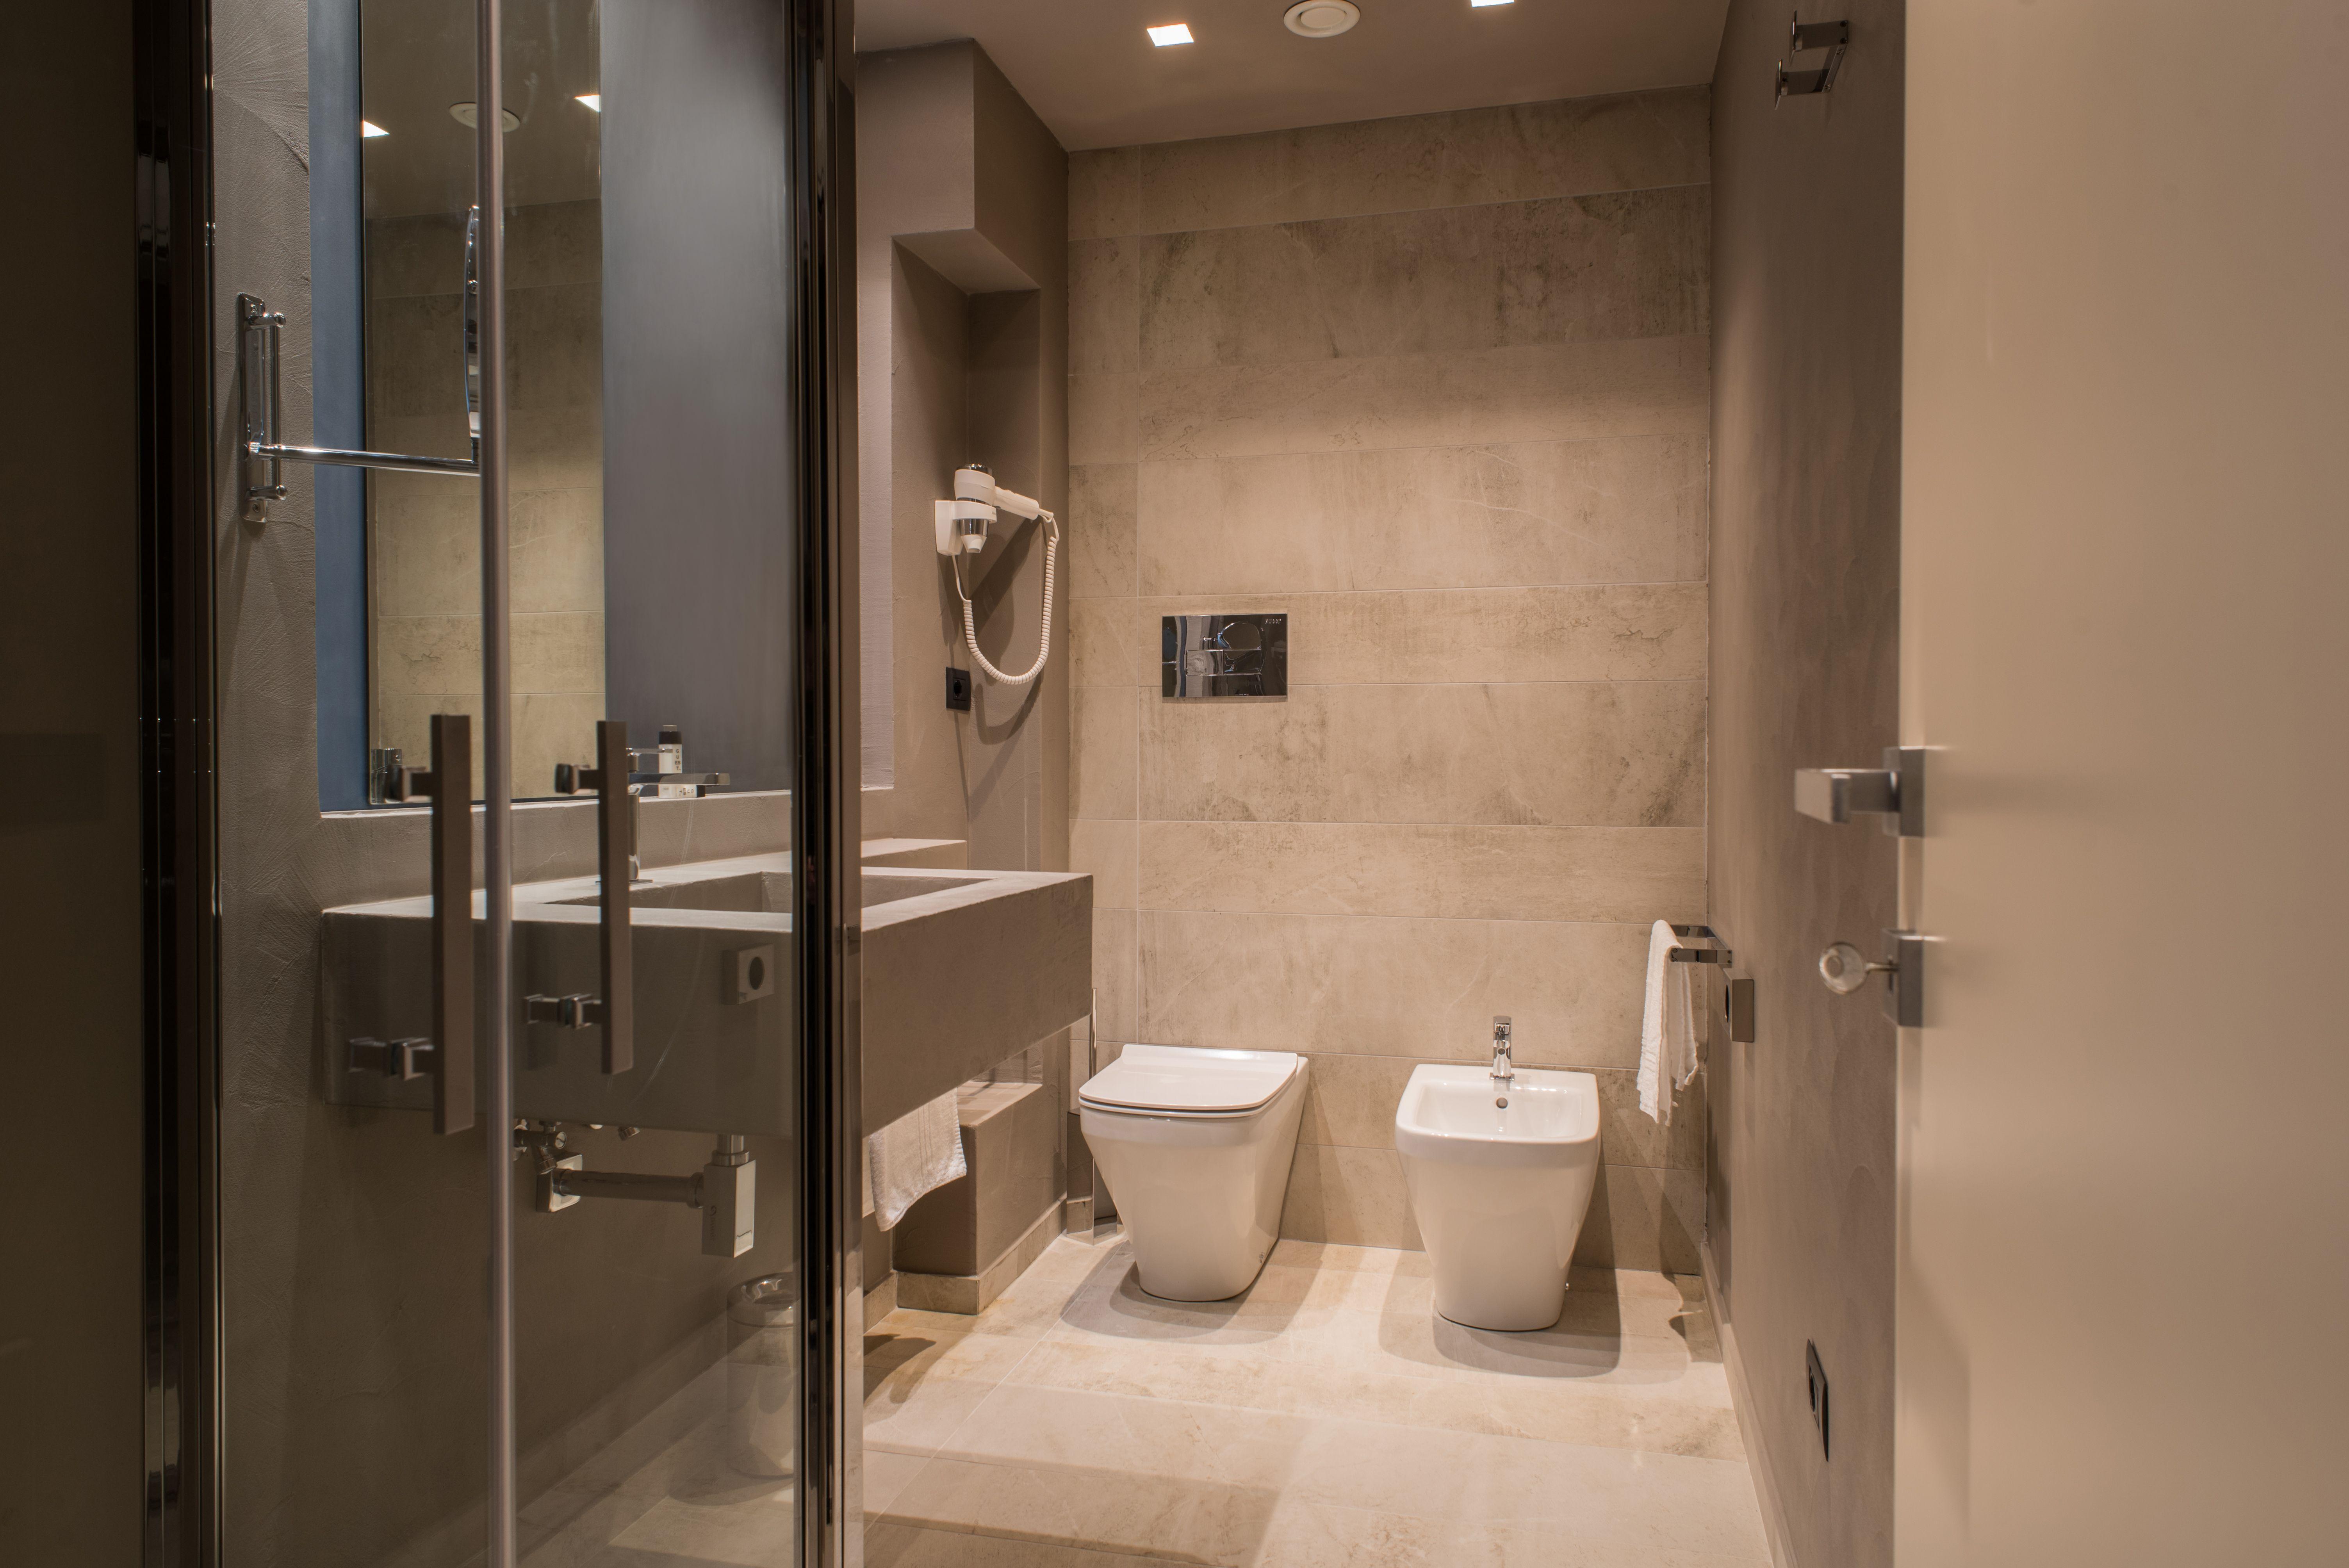 Hotel design bagni realizzati con mattonelle marazzi e resina